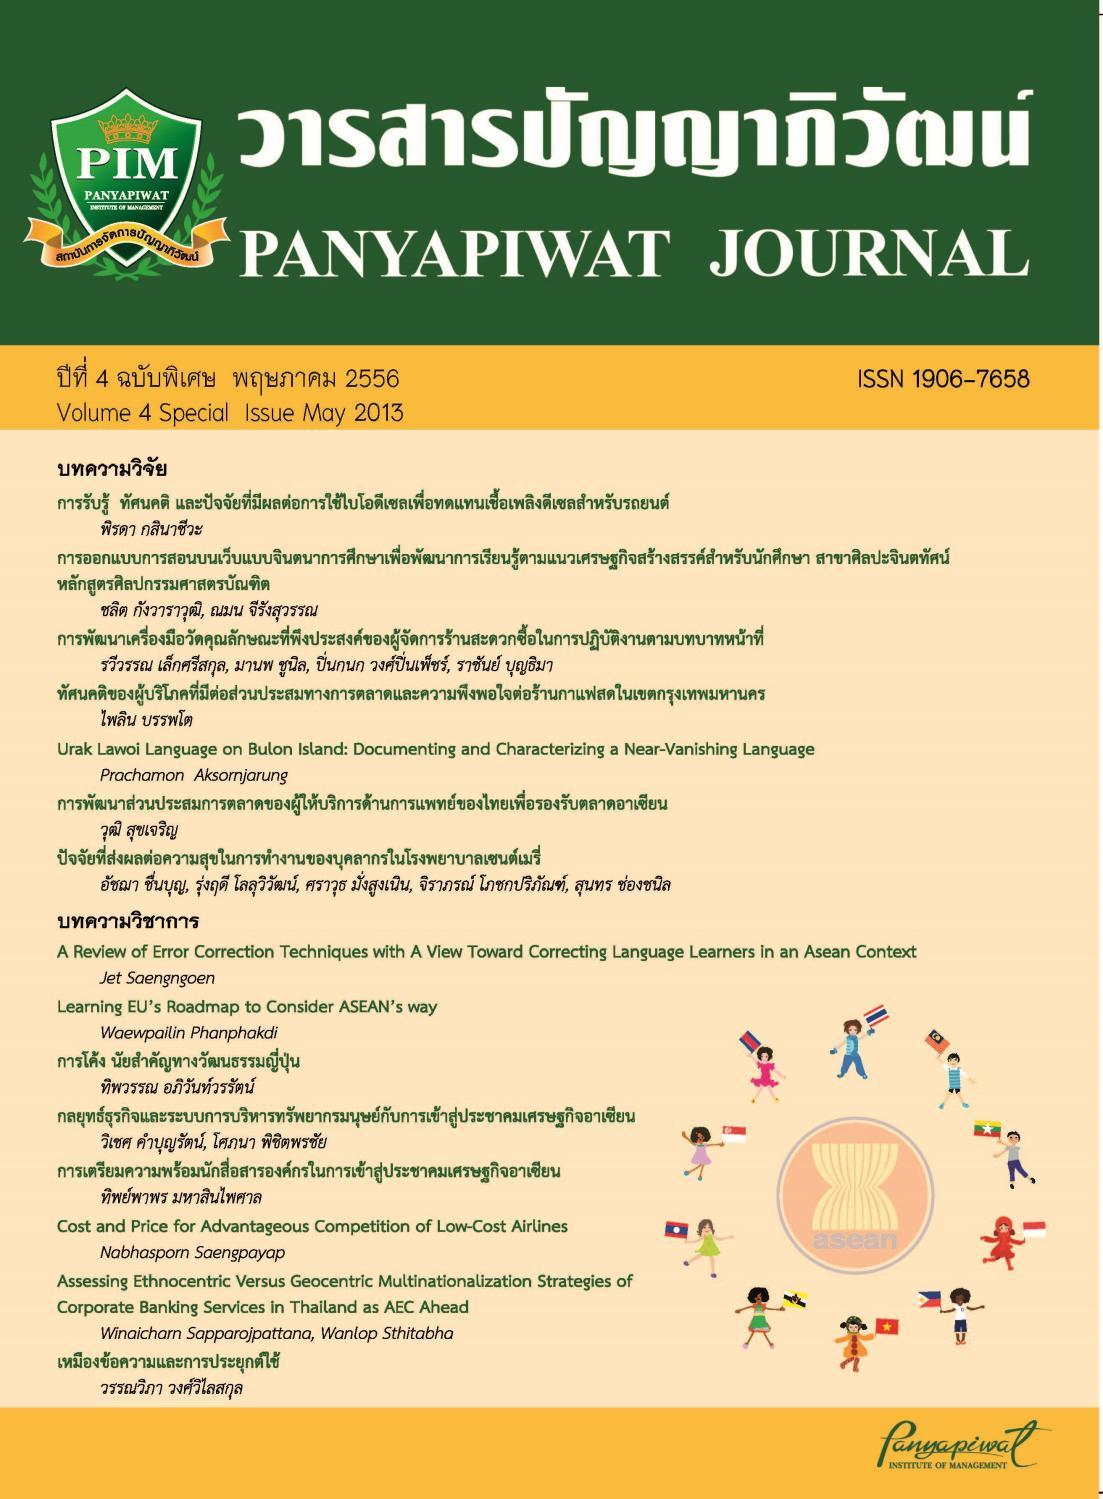 วารสารปัญญาภิวัฒน์ ปีที่ 4 ฉบับพิเศษ